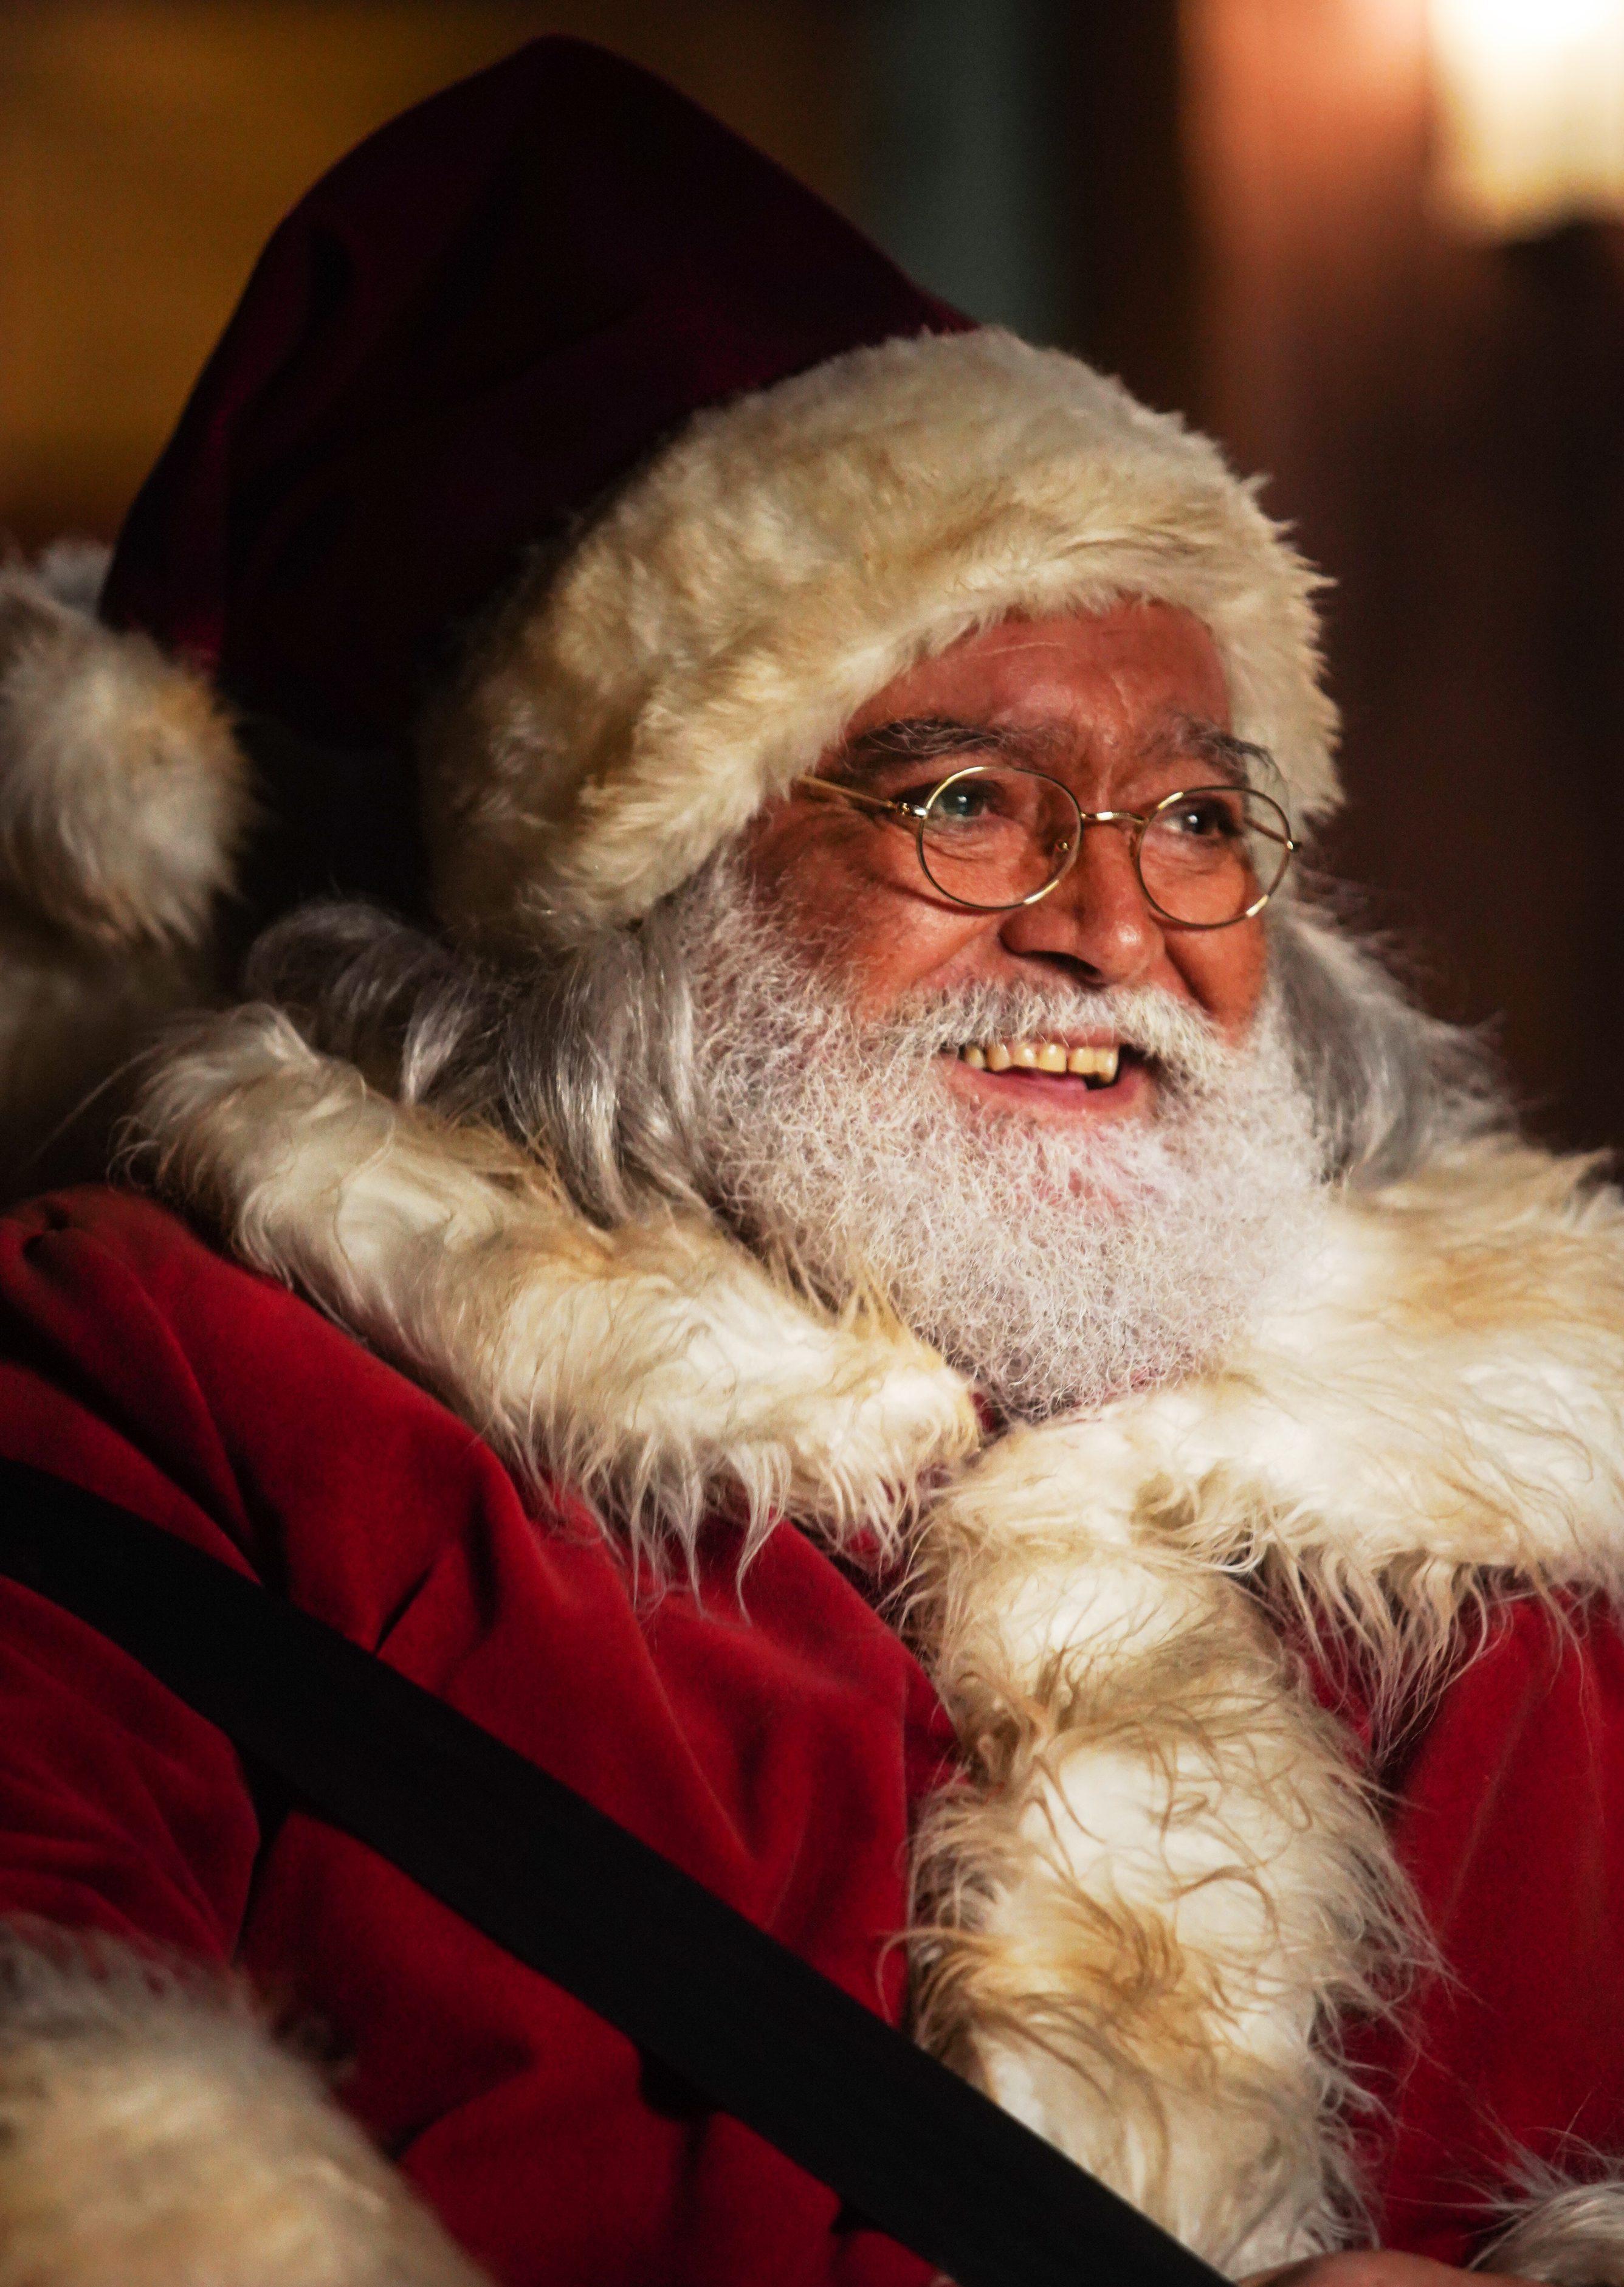 Babbo Natale Film.10 Giorni Con Babbo Natale Trailer E Cast Wondernet Magazine